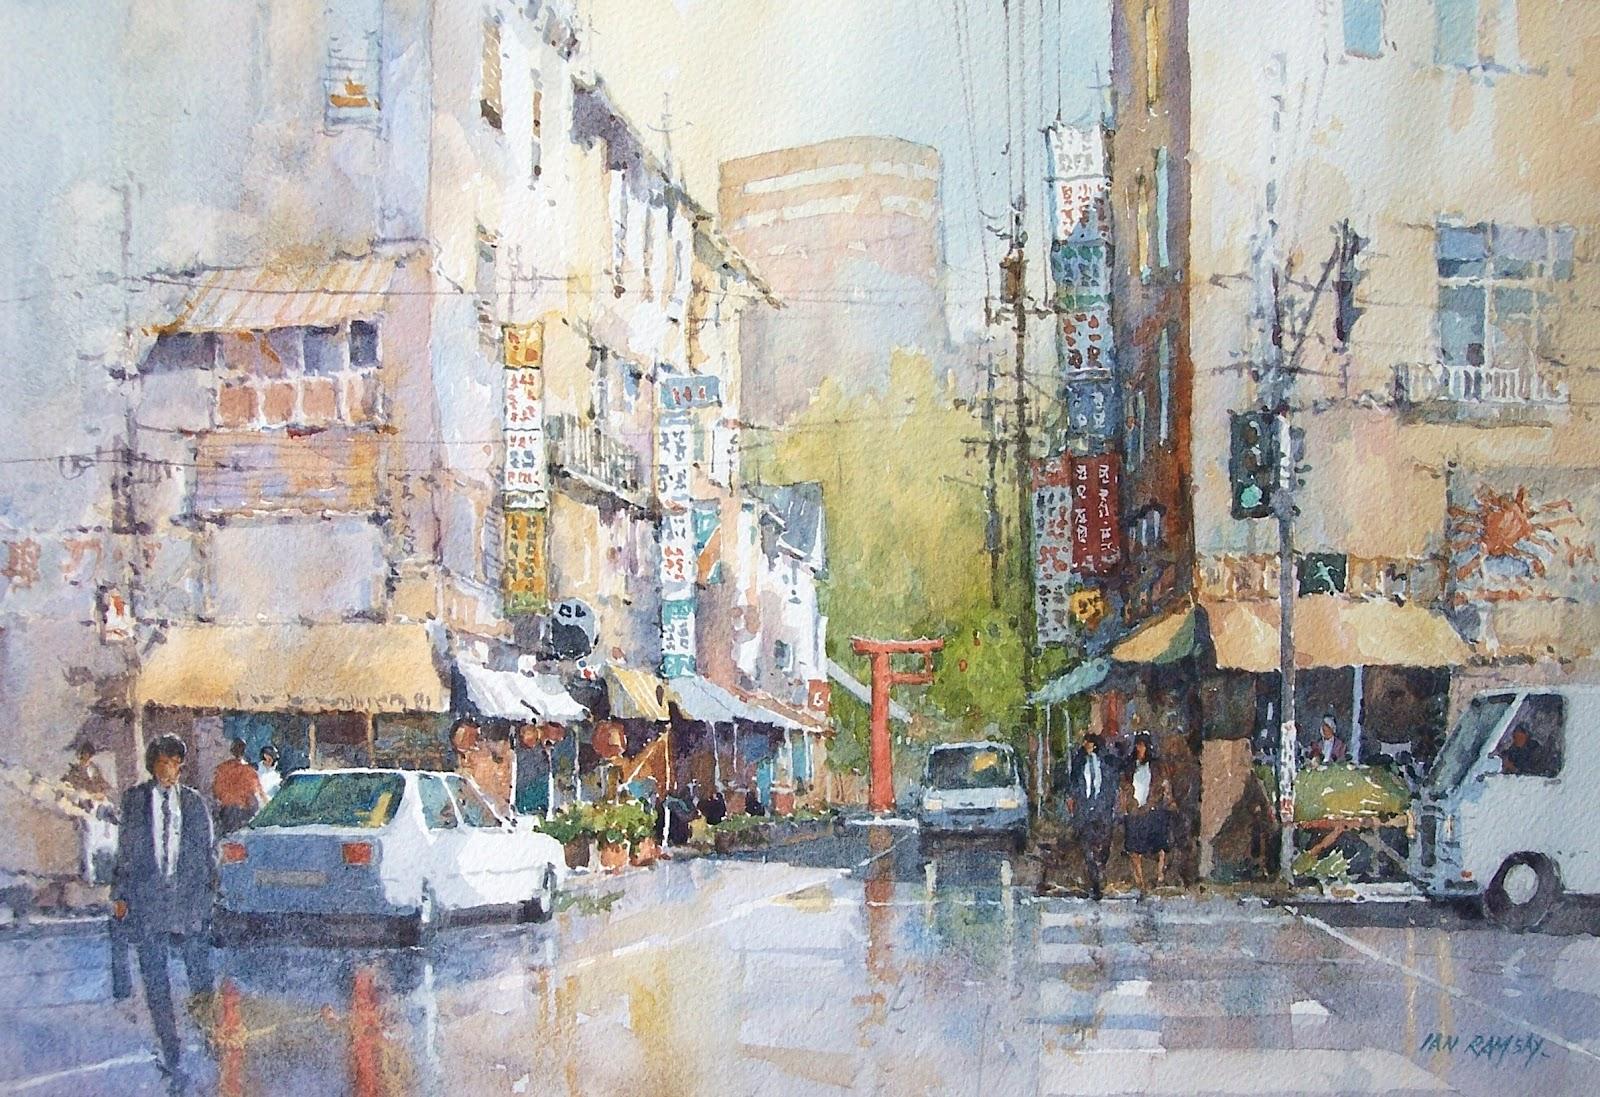 Ian ramsay watercolors april 2012 for Japanese watercolor paintings